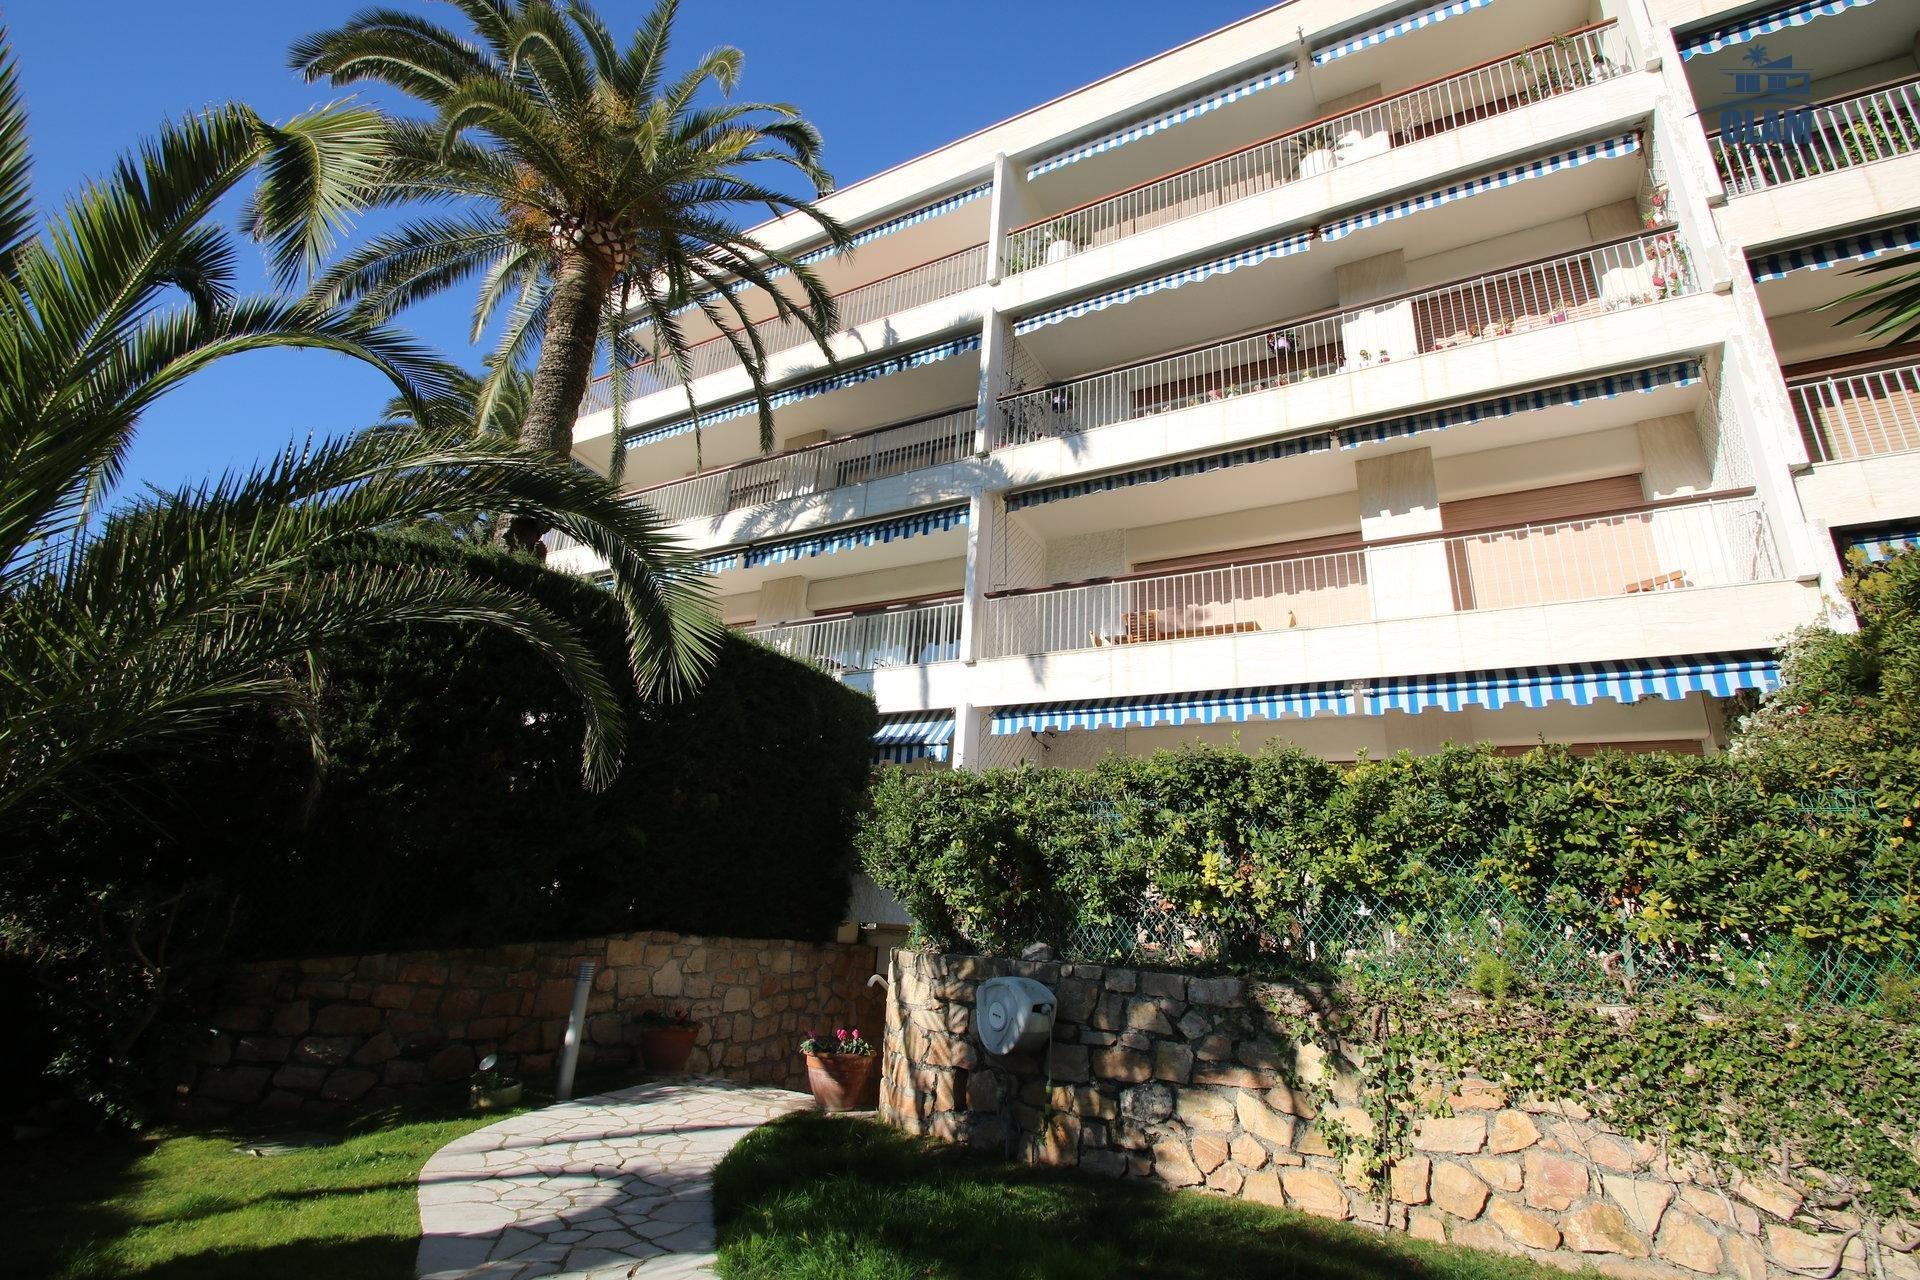 Extérieur, façade, parc arboré, Cannes, Palais des Festivals, Côte d'Azur